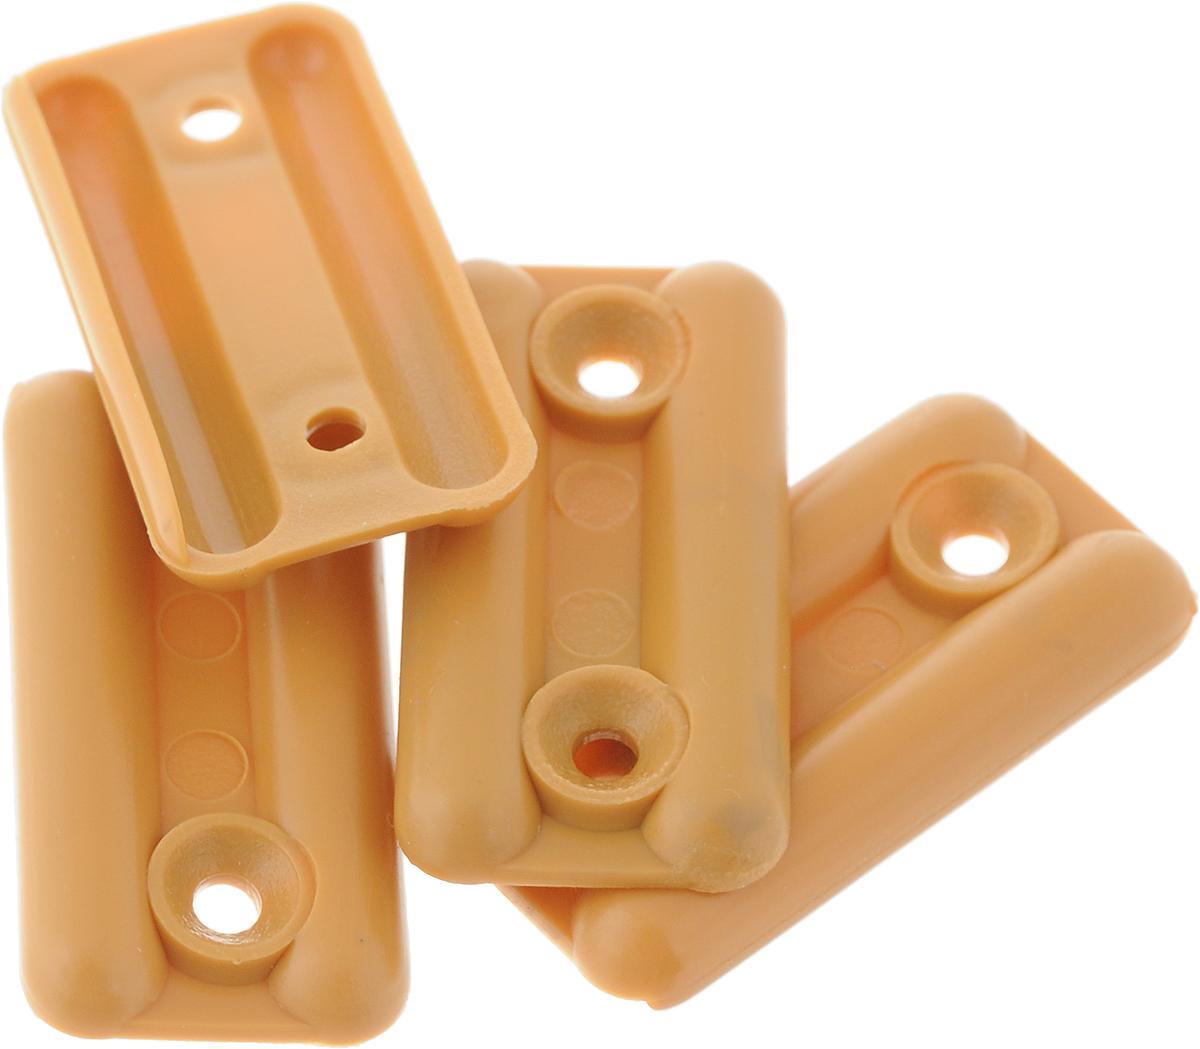 Подпятник для мебели Tech-KREP, цвет: светло-коричневый, 4 шт127508Подпятник Tech-KREP изготовлен из прочного пластика. Подпятник применяется для ножек габаритных предметов мебели, конструкции которых имеют большой вес. Благодаря подпятнику удается подкорректировать уровень установки и монтажа мебели. Изделие фиксируется на нижних торцах боковых стенок шкафов, комодов, больших тумб с габаритным весом. Размер: 3,5 х 1,8 см.